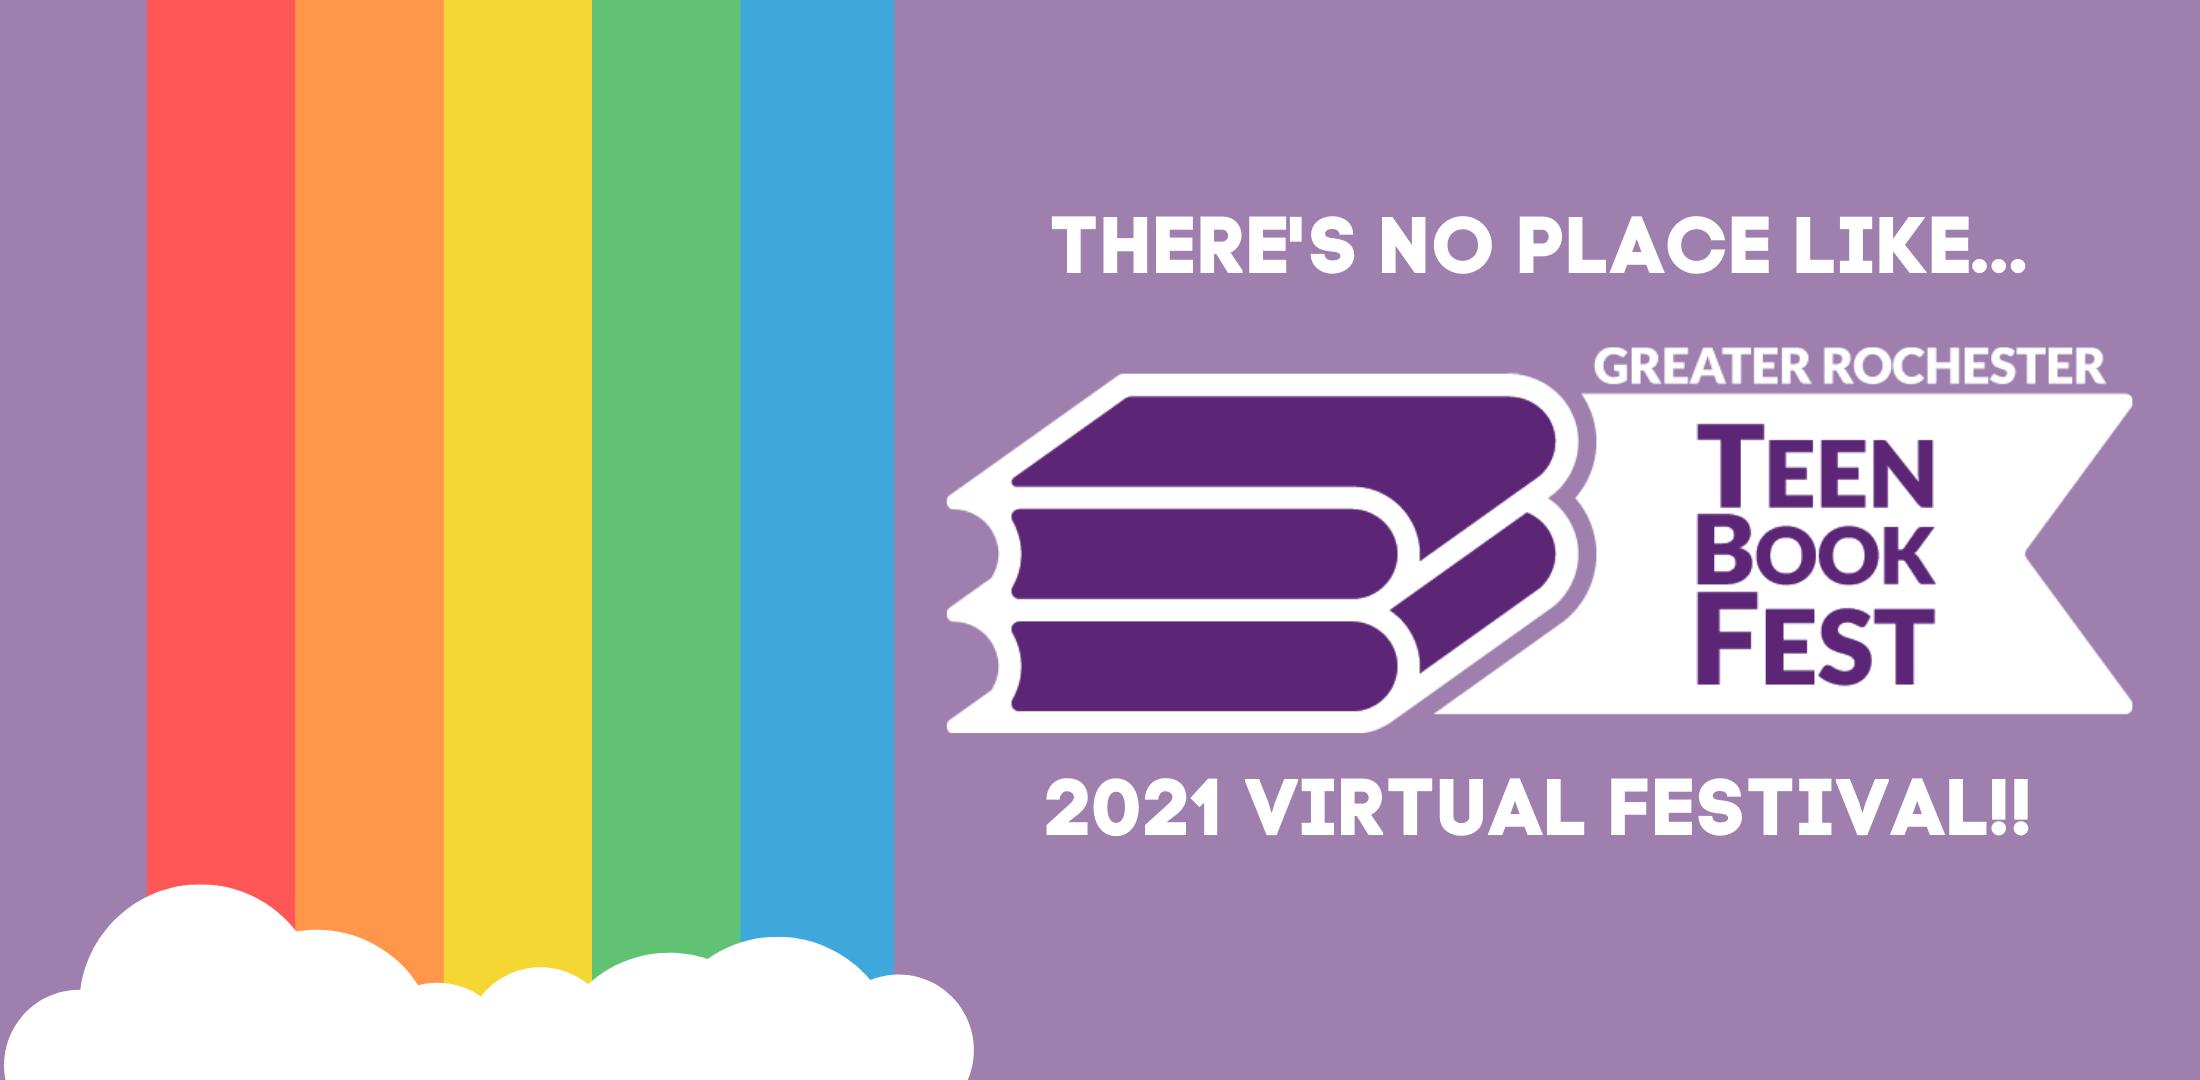 Greater Rochester Teen Book Fest (virtual)